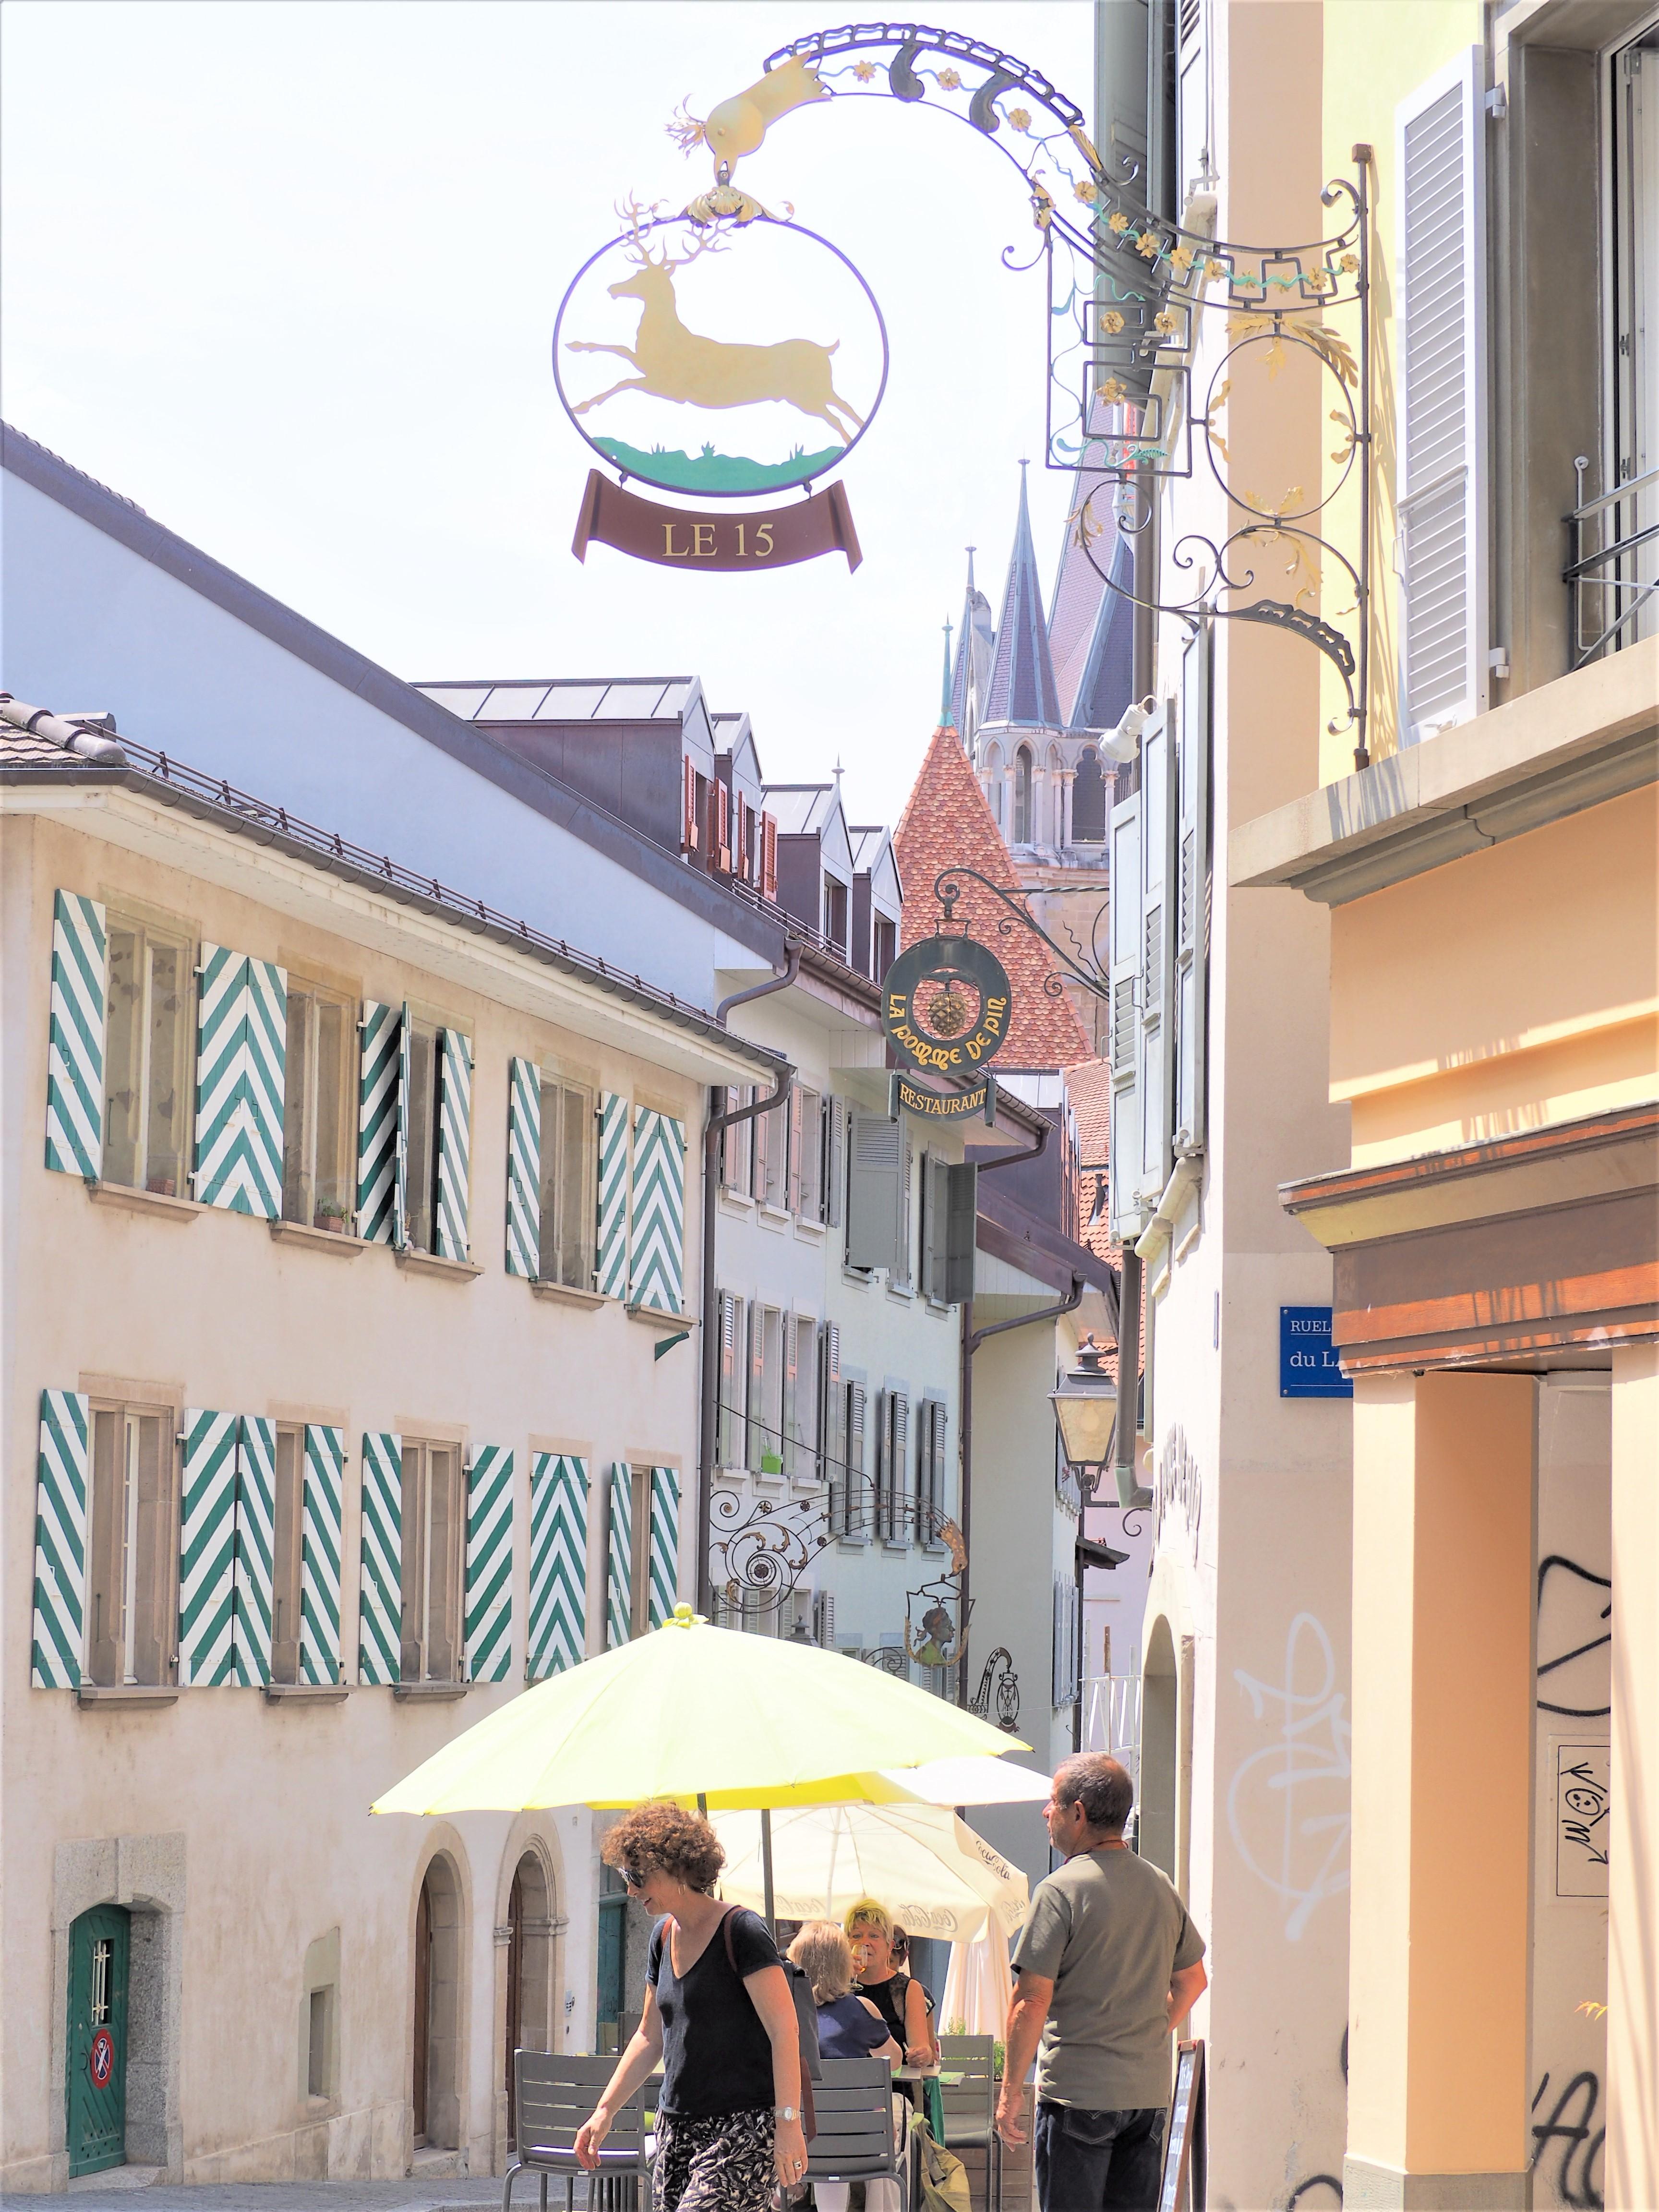 La Cité Lausanne Suisse clioandco blog voyage restaurant la pomme de pin